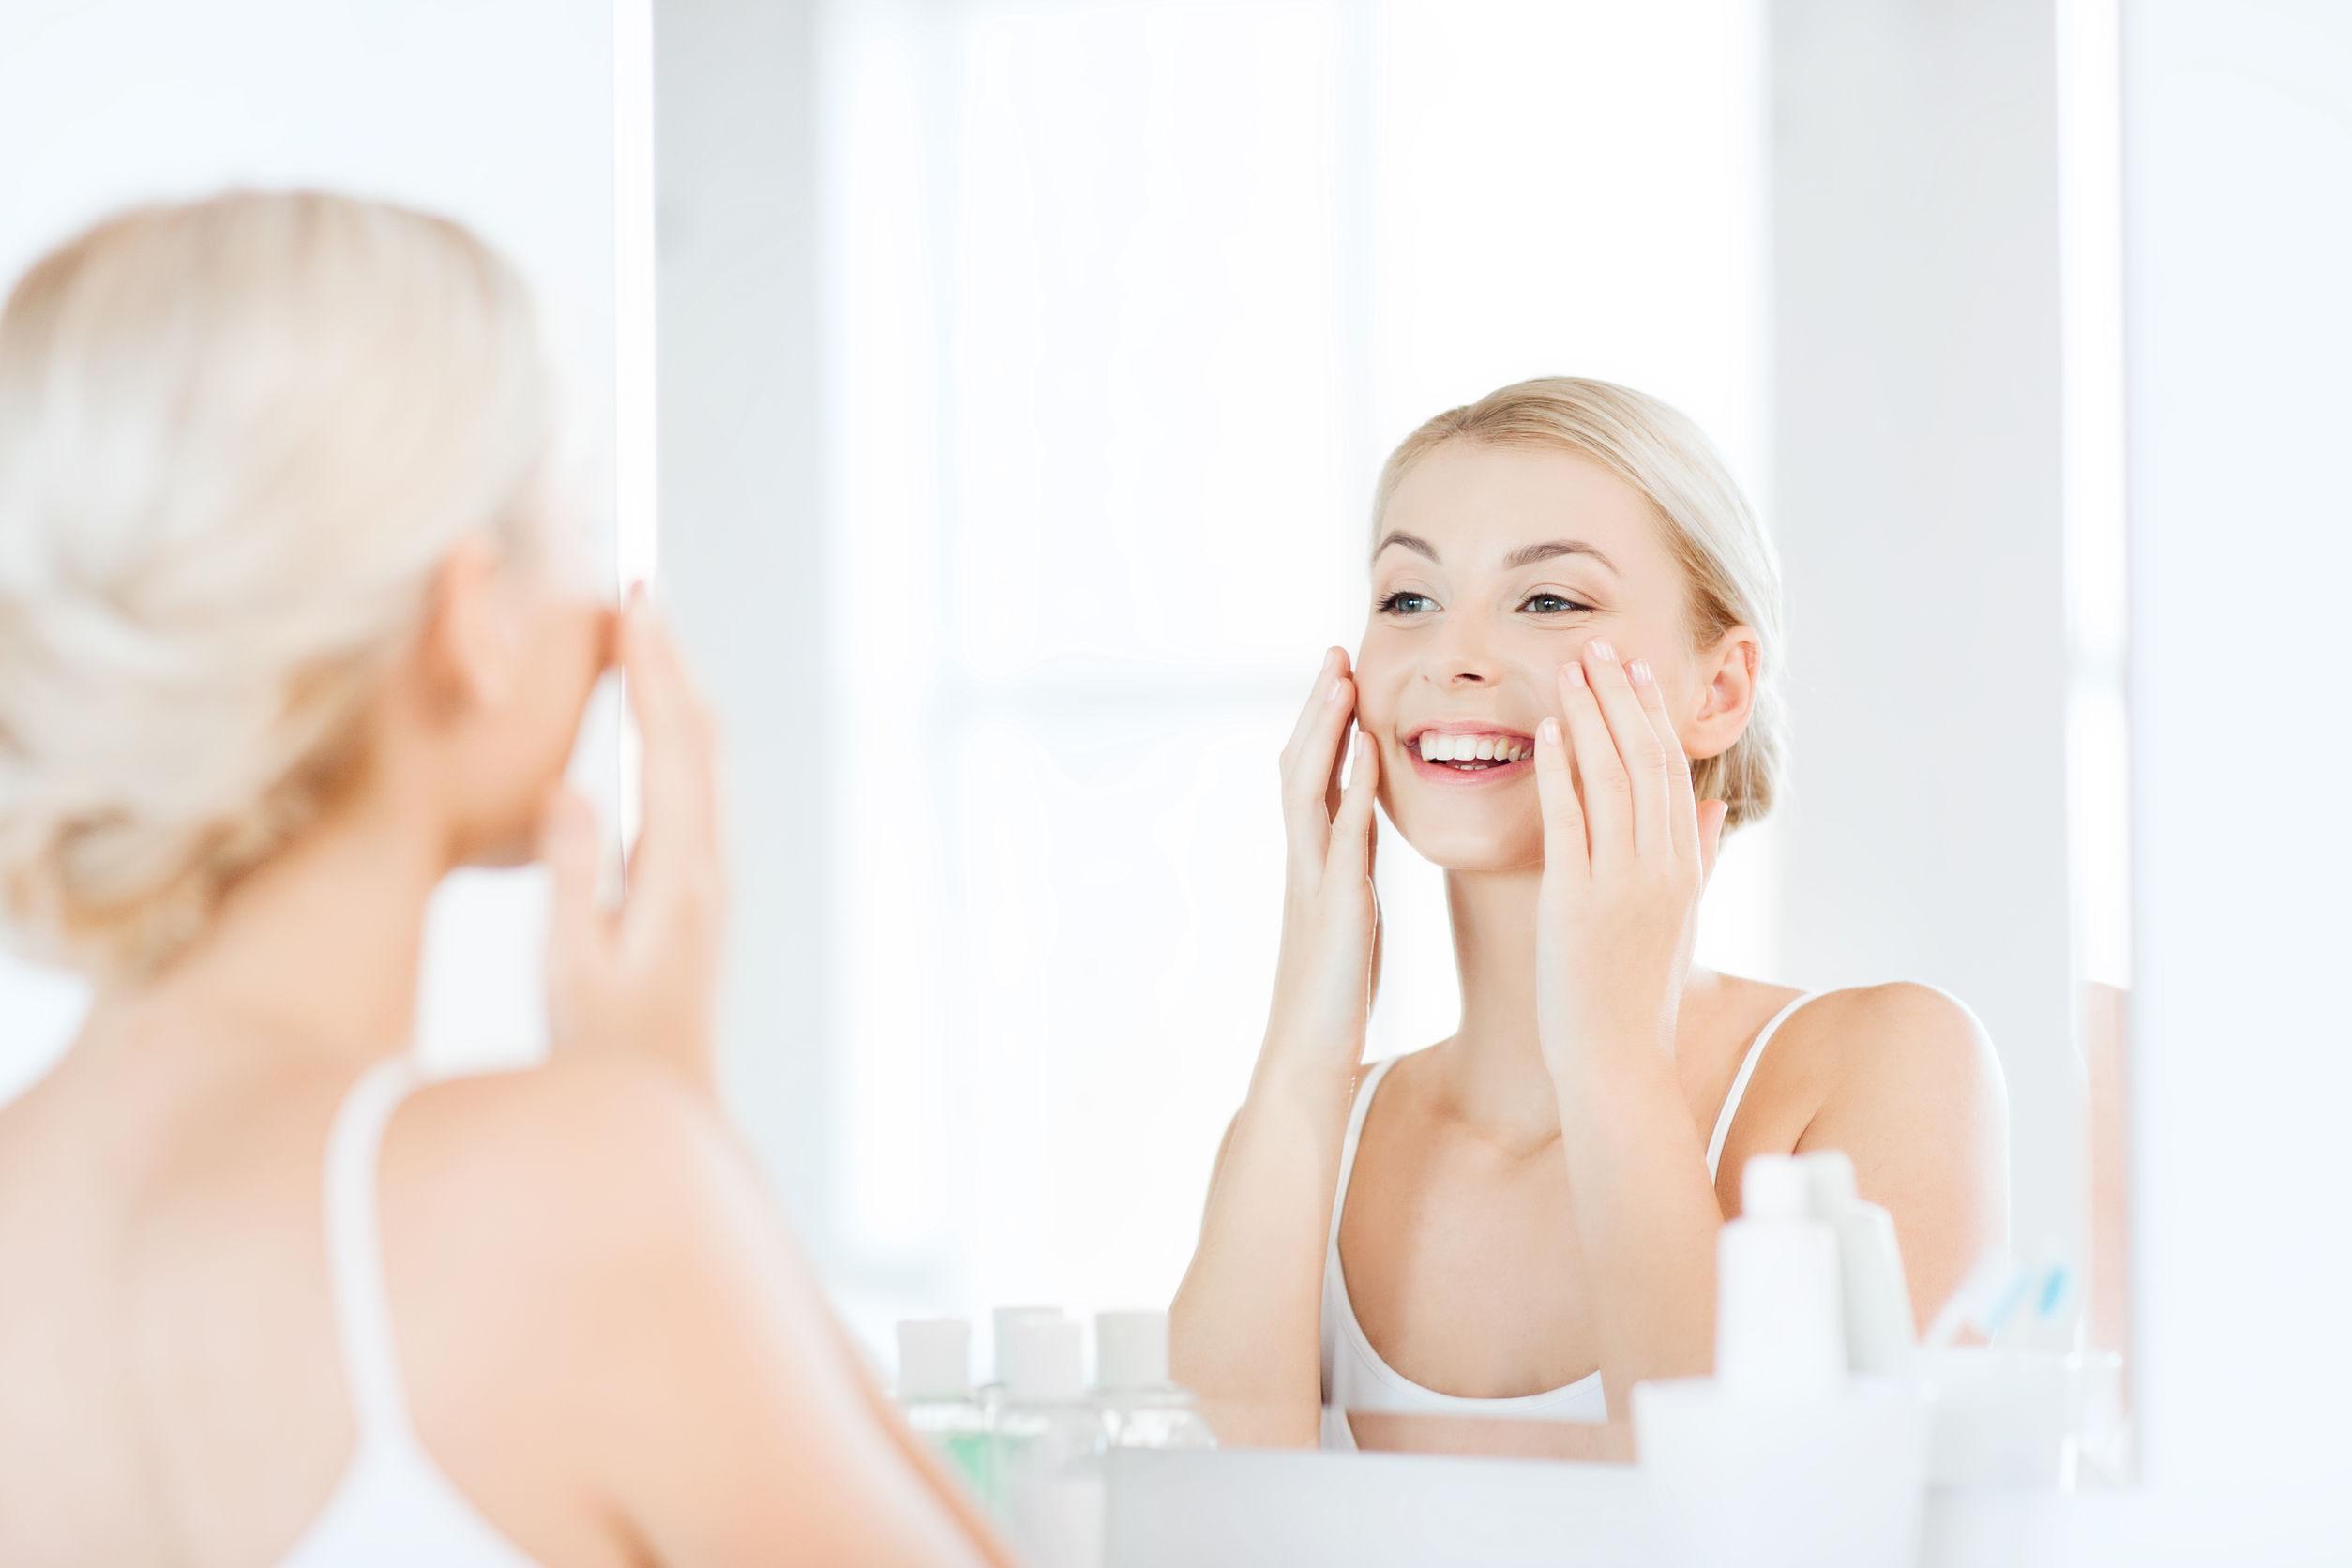 ТОП-10 ошибок в уходе за кожей лица после 30